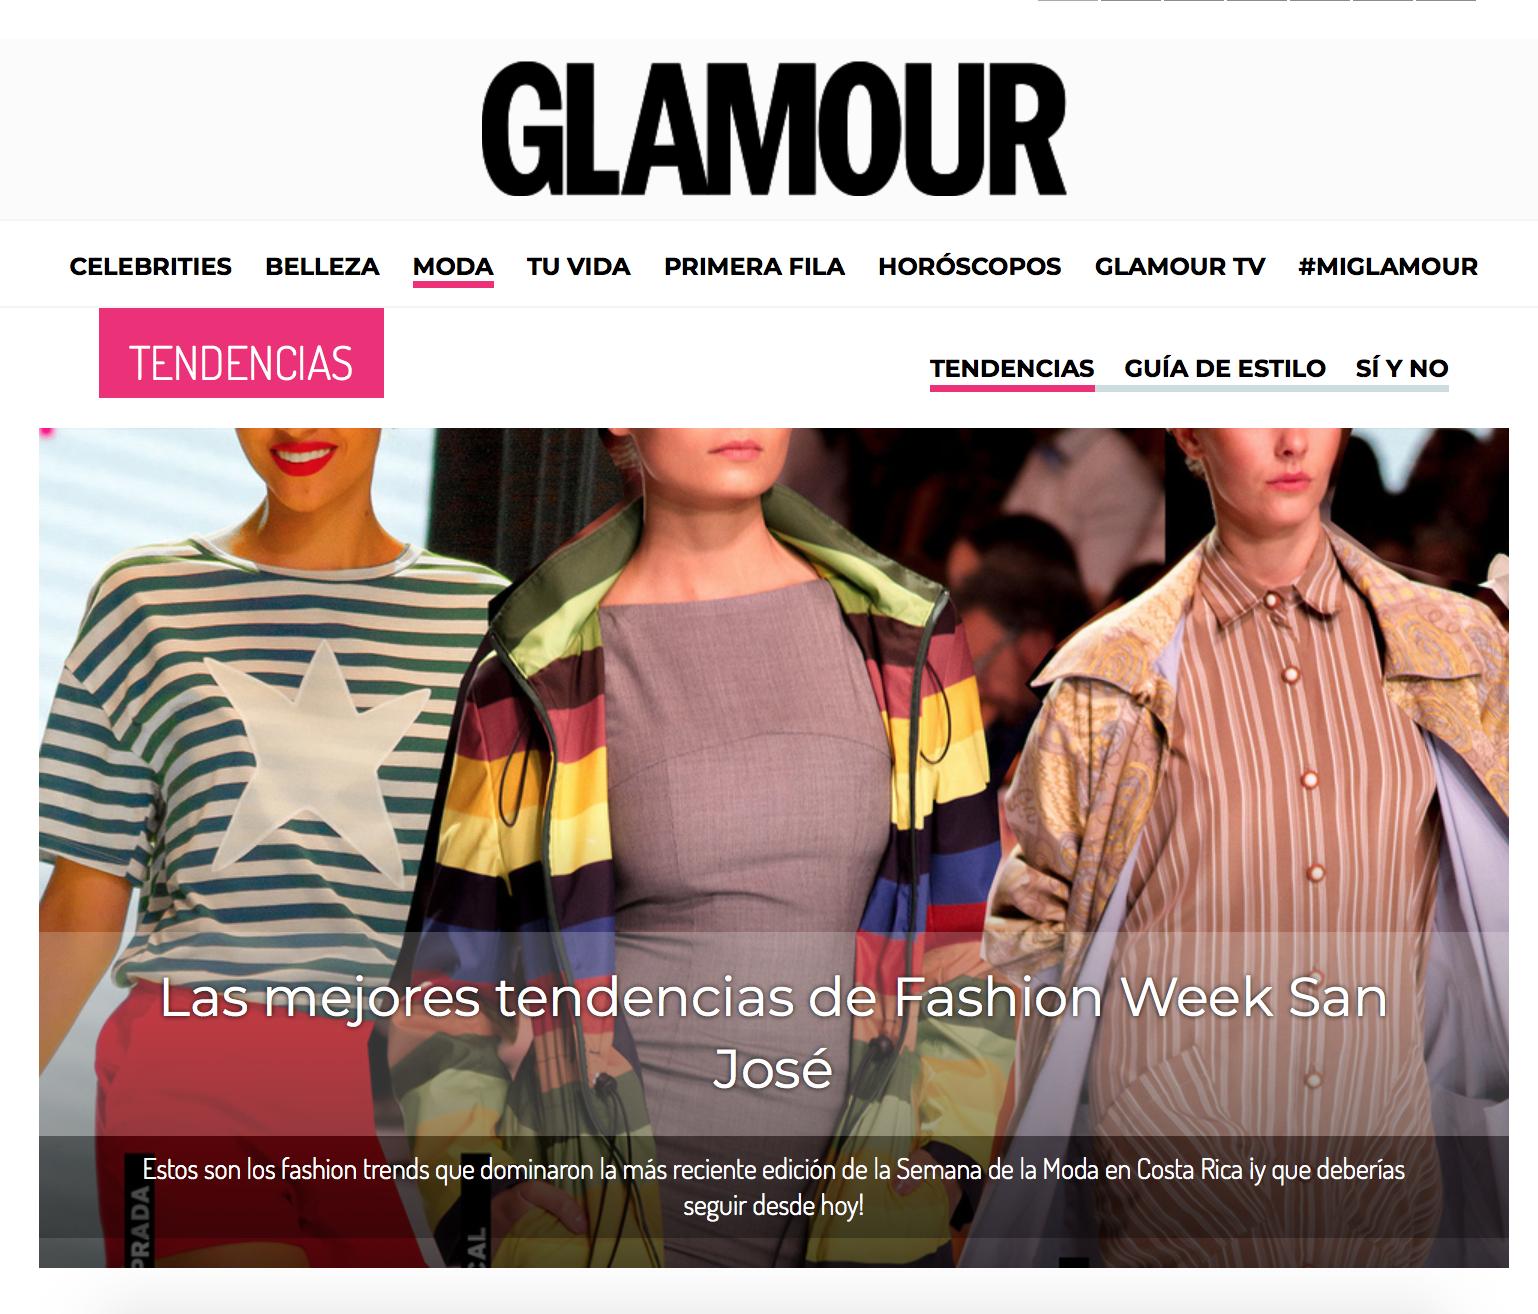 Cobertura para Glamour.Mx